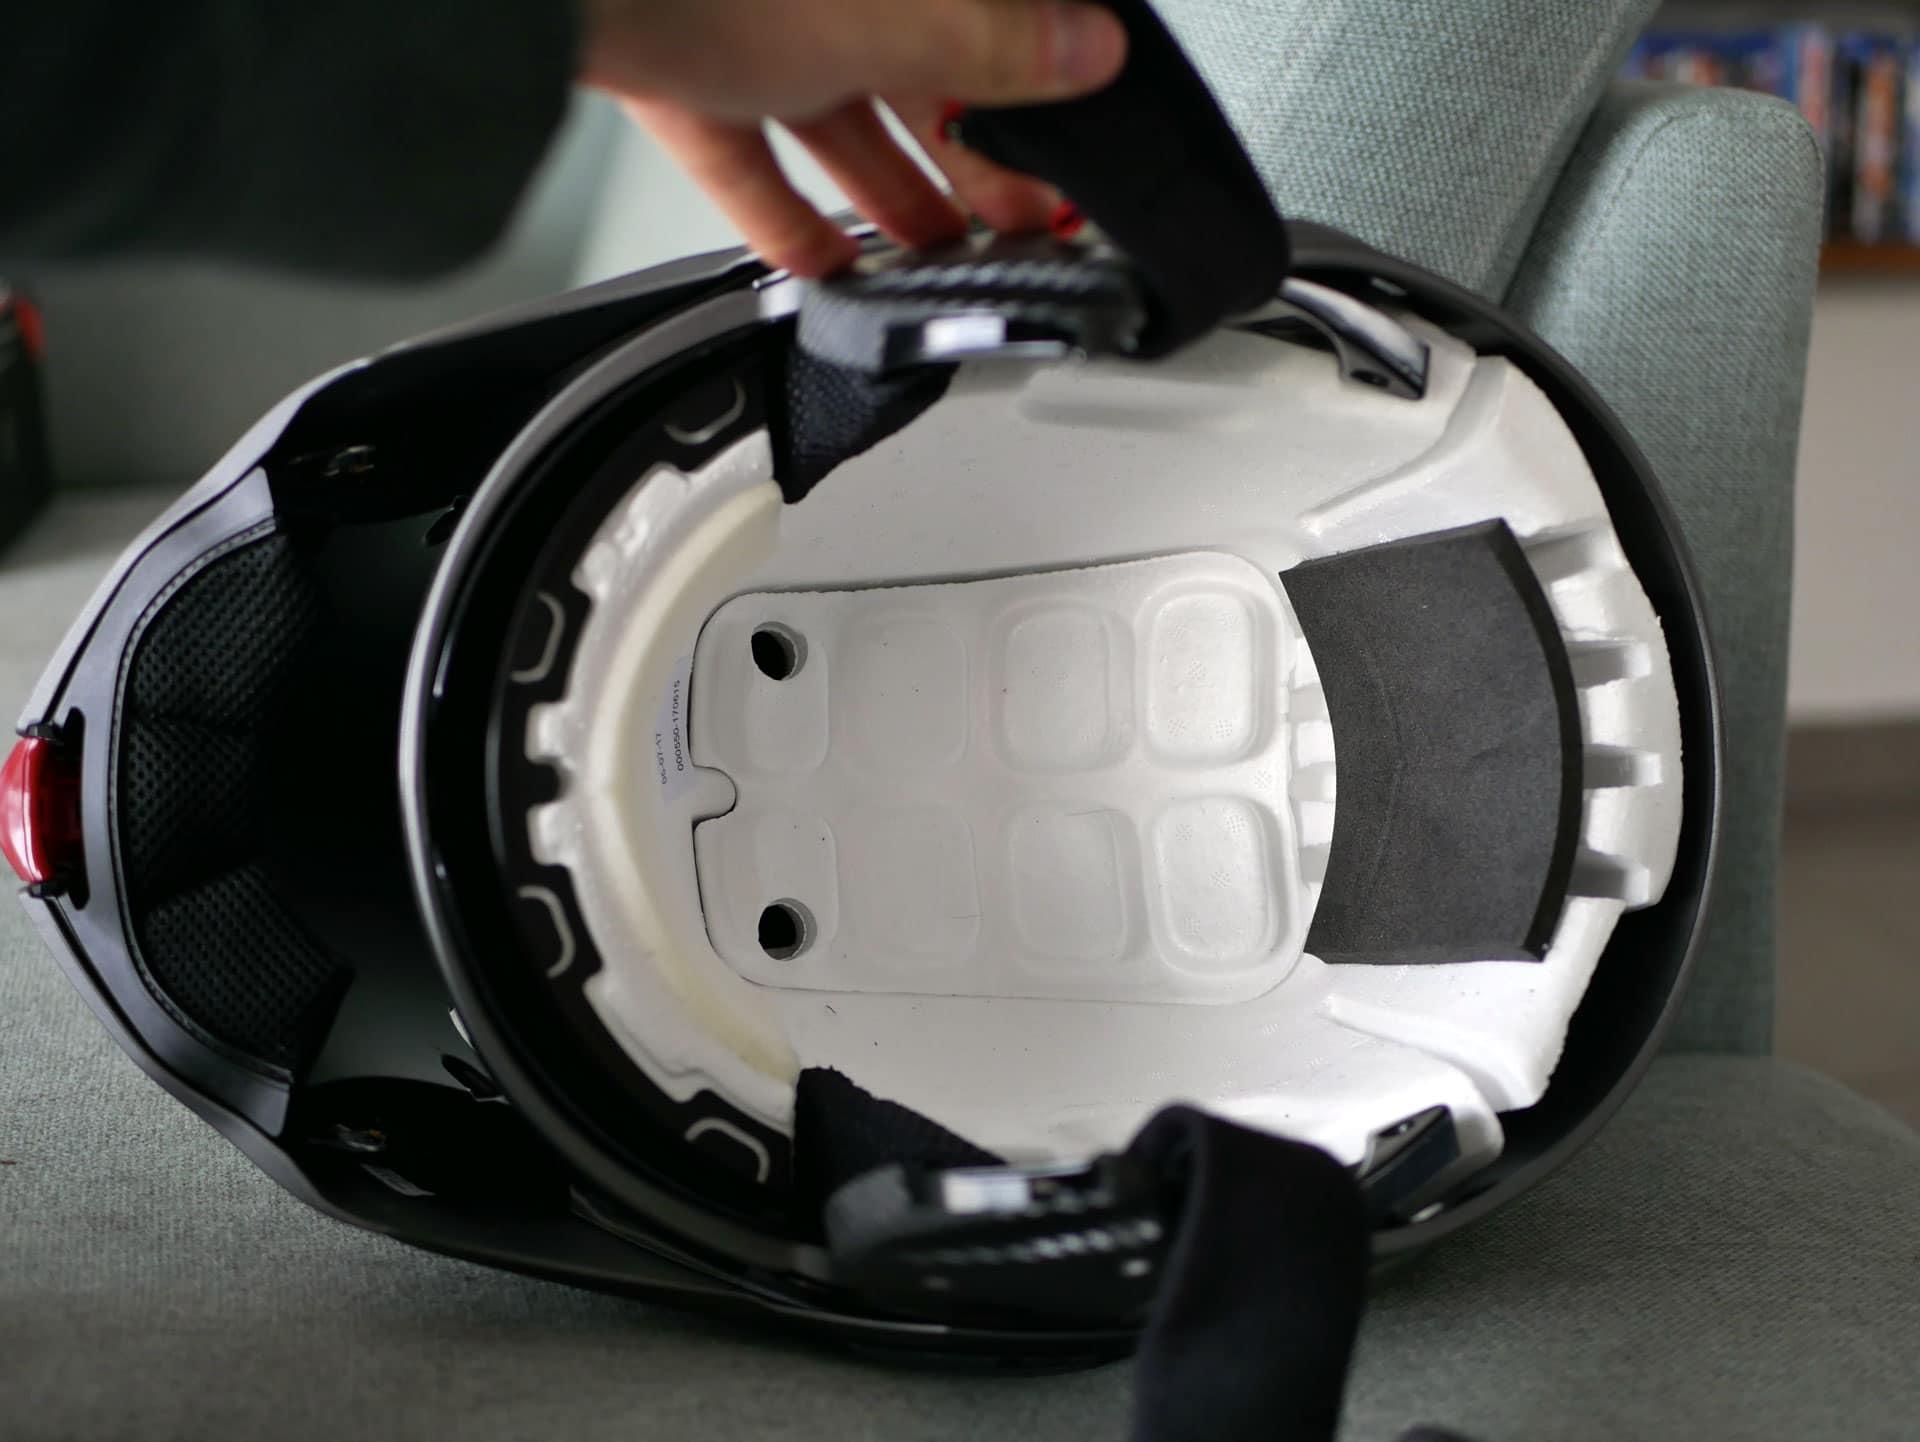 Des mousses sont collées sur la calotte pour ajuster la tailles et améliorer le confort